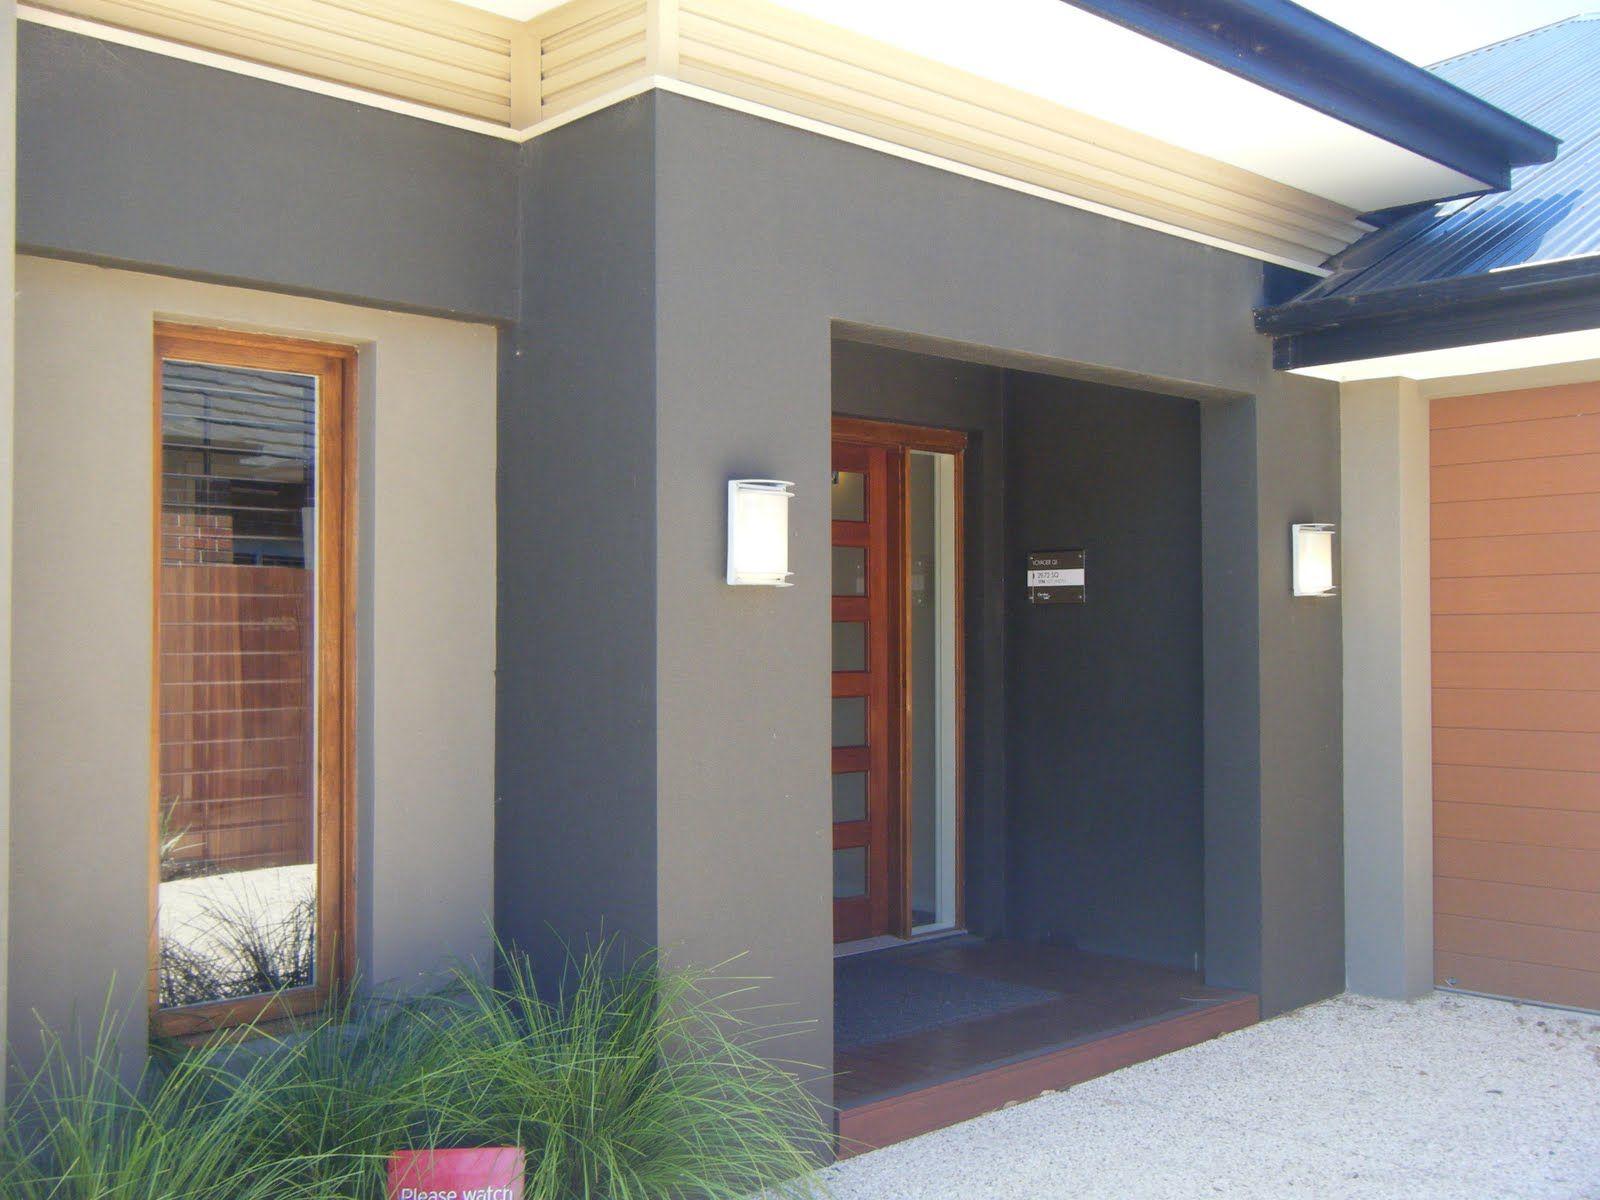 Porche d 39 entr e fa ade de maison en 2019 d co maison - Exterior wall color house images ...